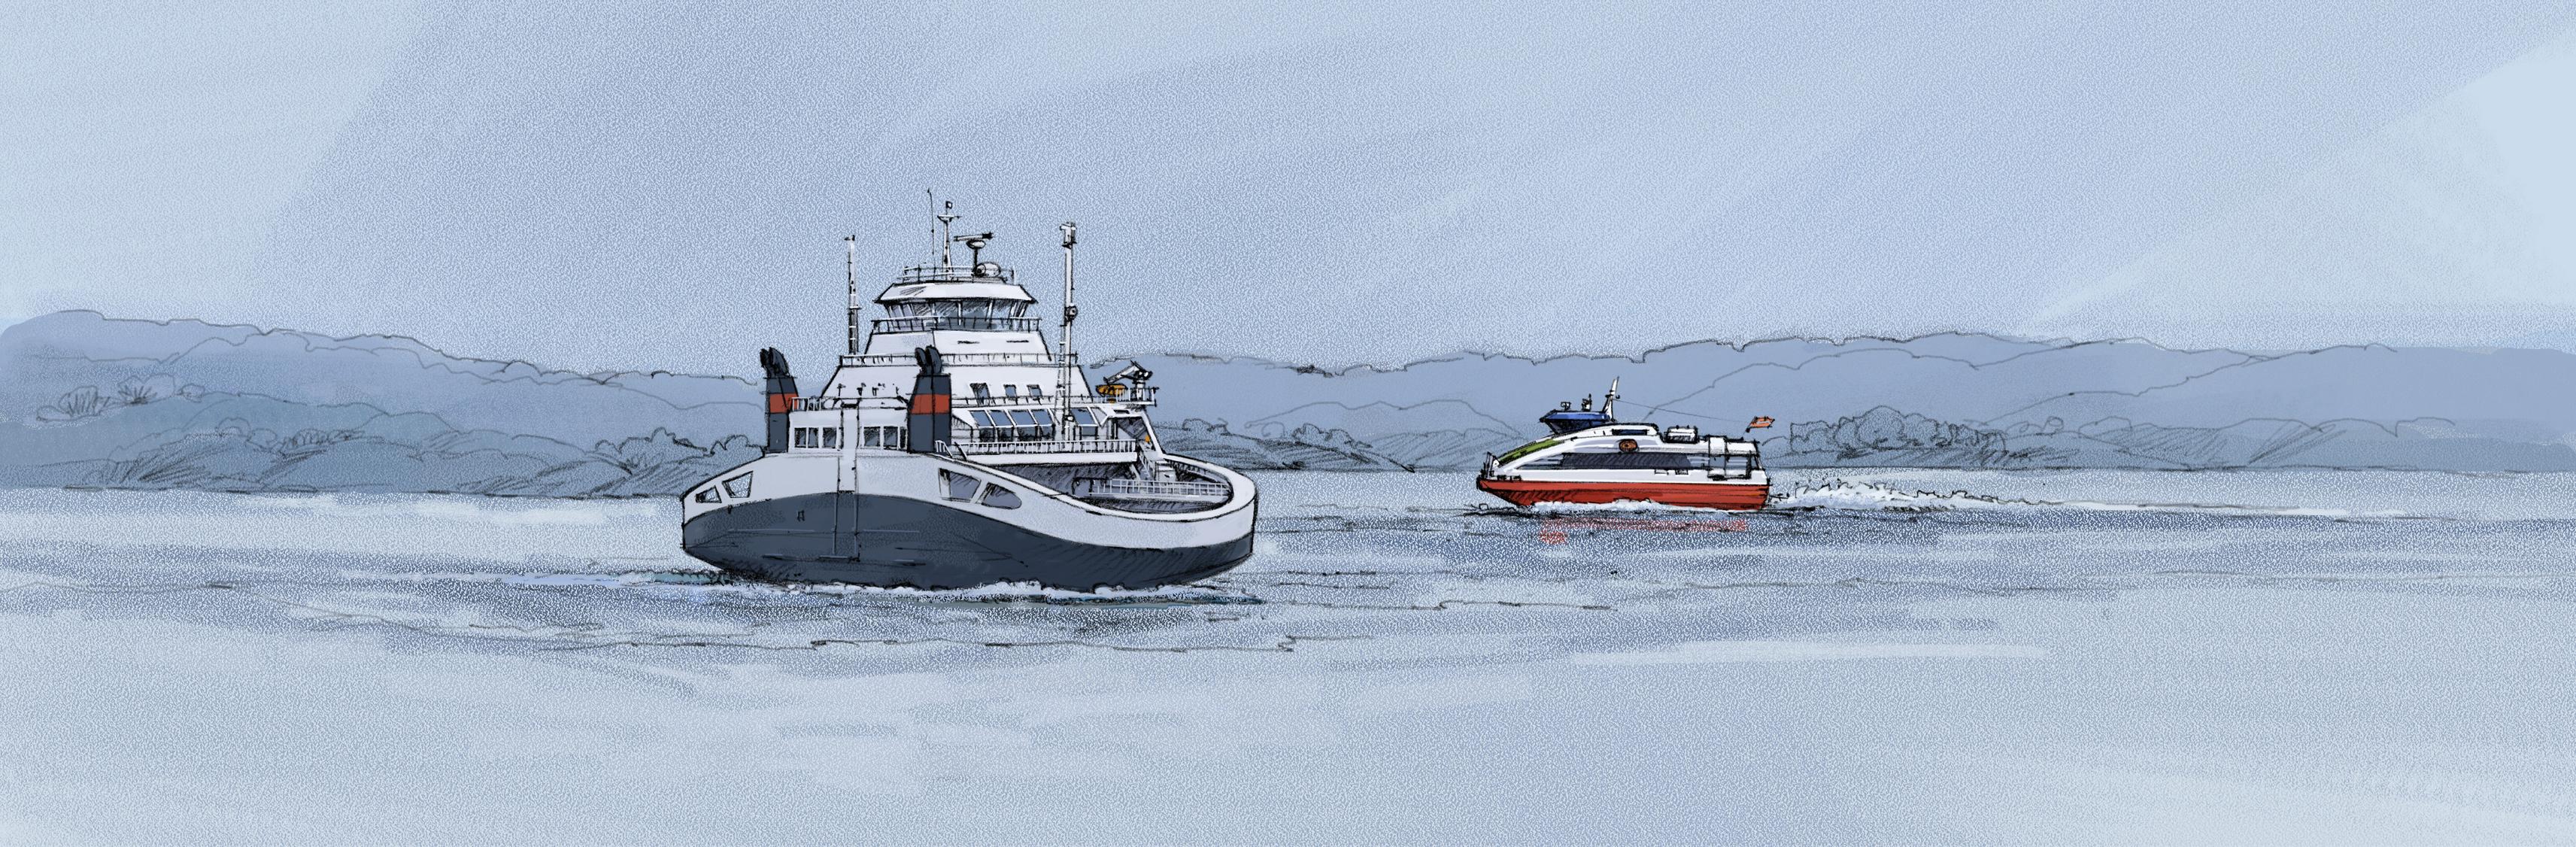 Sikkerhetsstyring ISM og vedlikeholdsystem, programmer tilpasset passasjer båter og ferjer